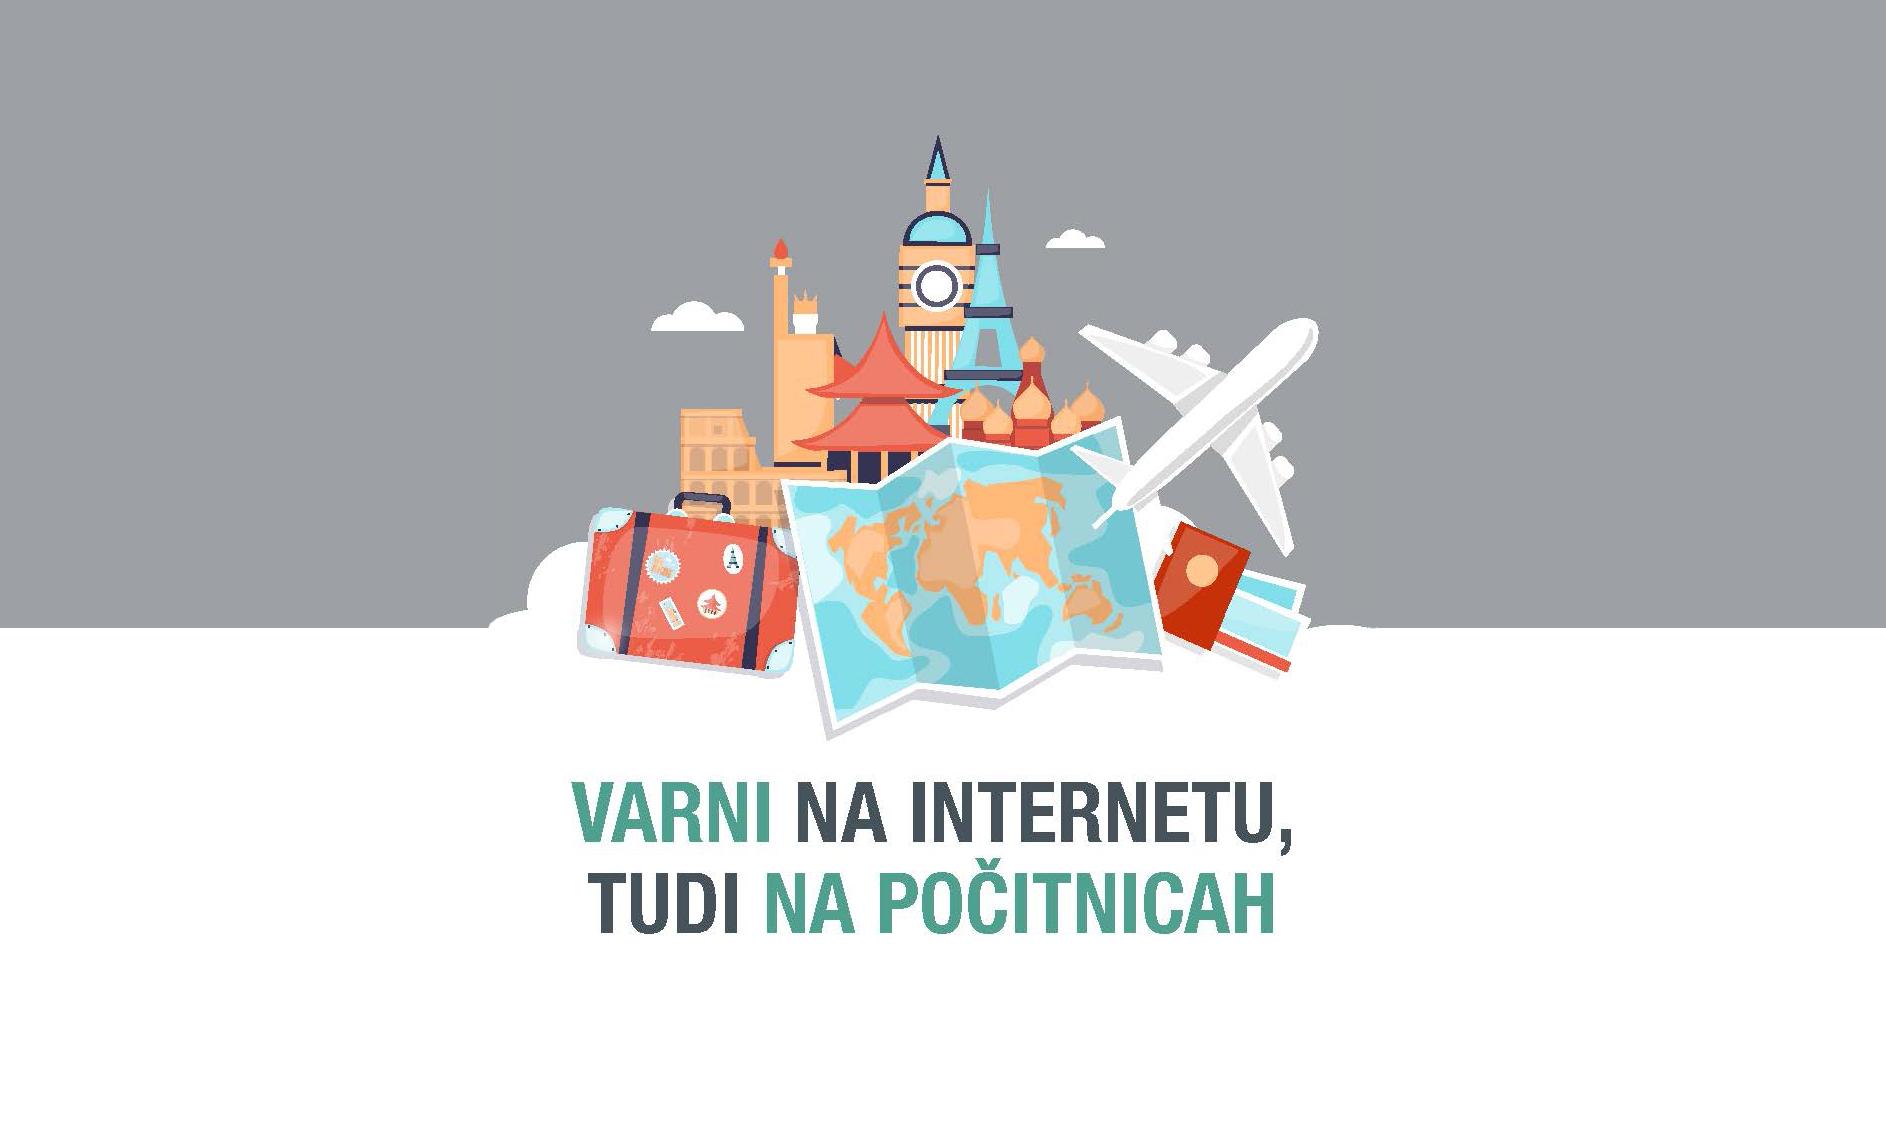 Naslovnica priročnika Varni na počitnicah, na kateri so znane stavbe, kovčki in letalo